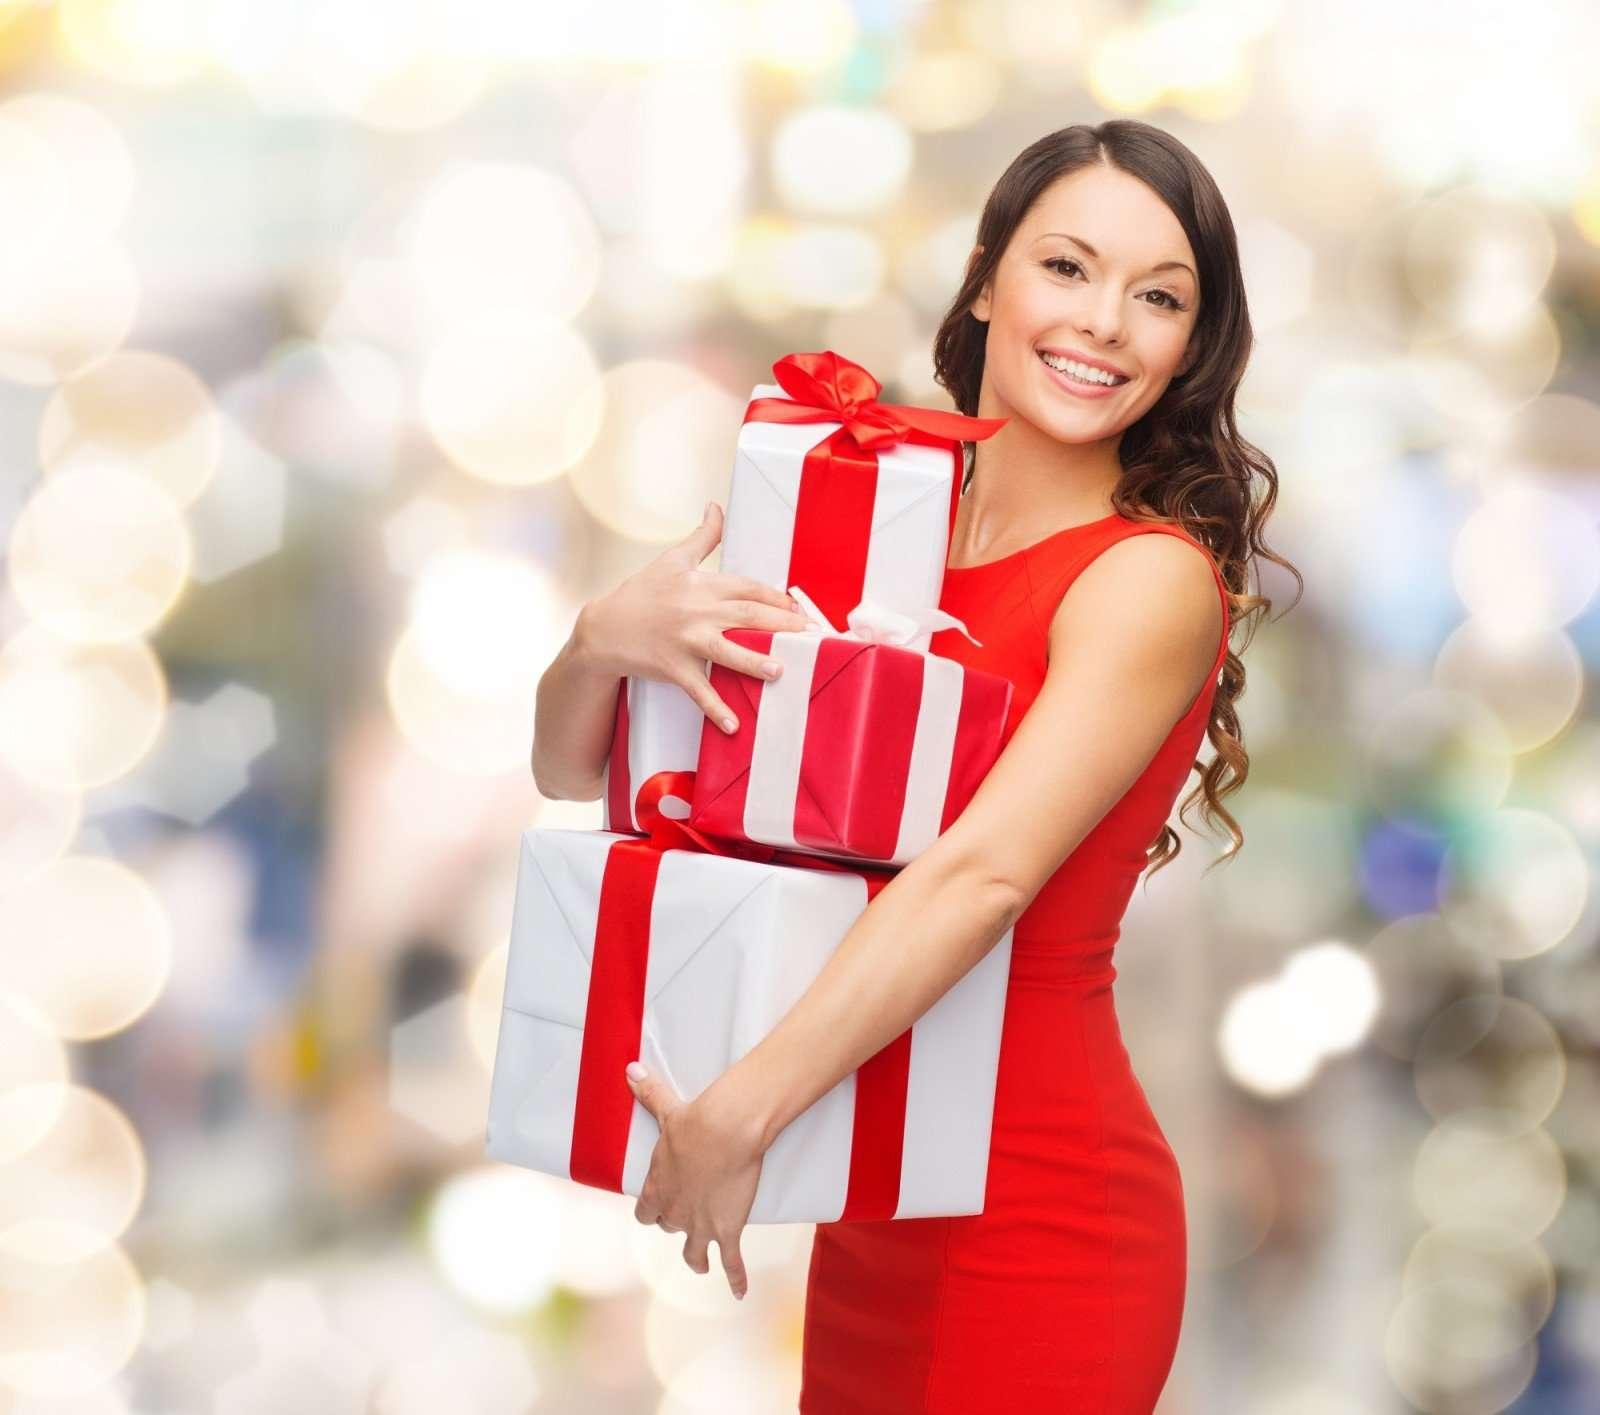 Бухгалтеру, начальнице и подружке: что подарить на Новый год женщинам